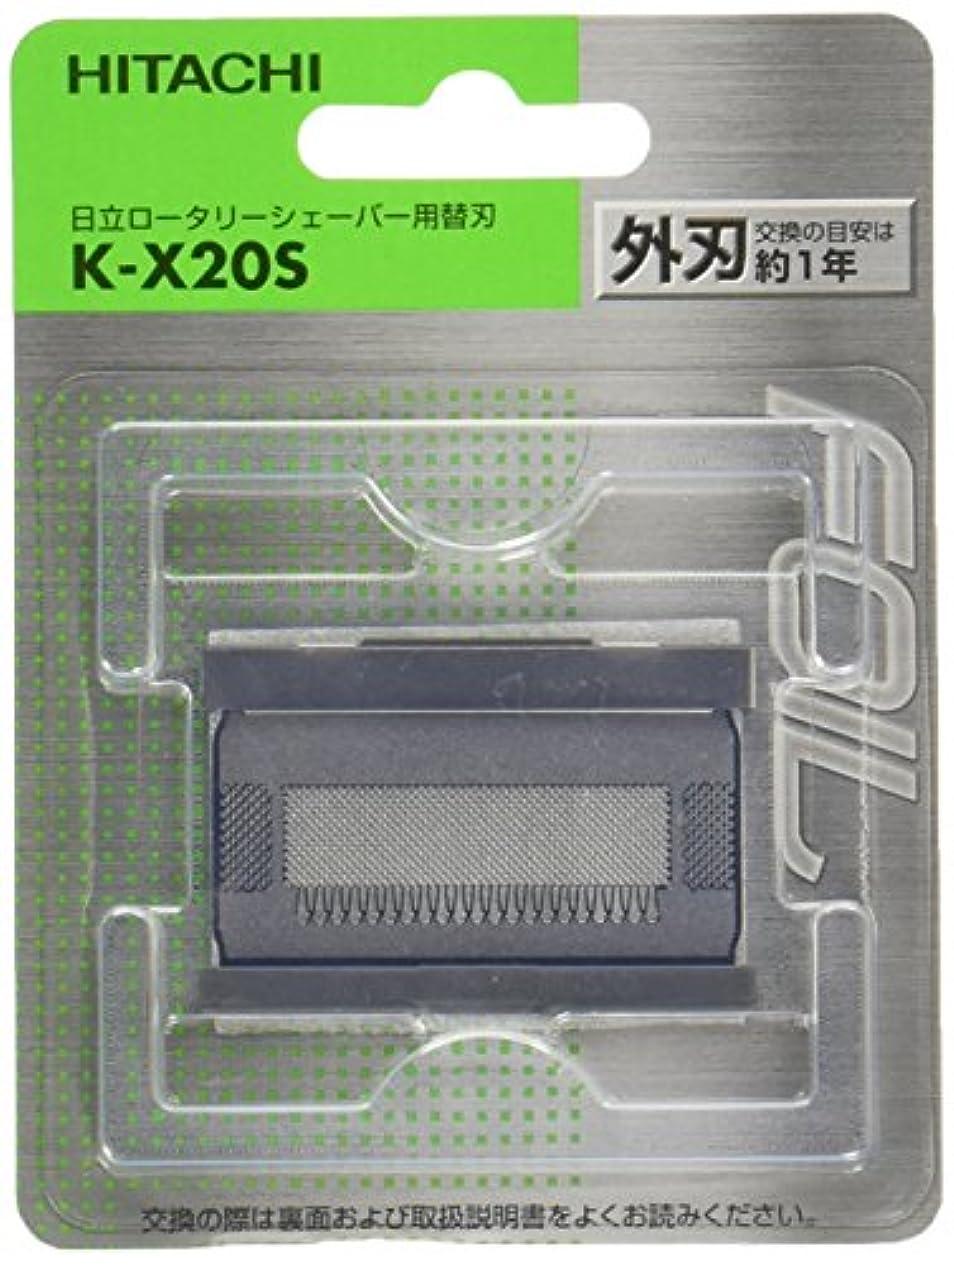 ピニオン確かに葉っぱ日立 替刃 外刃 K-X20S